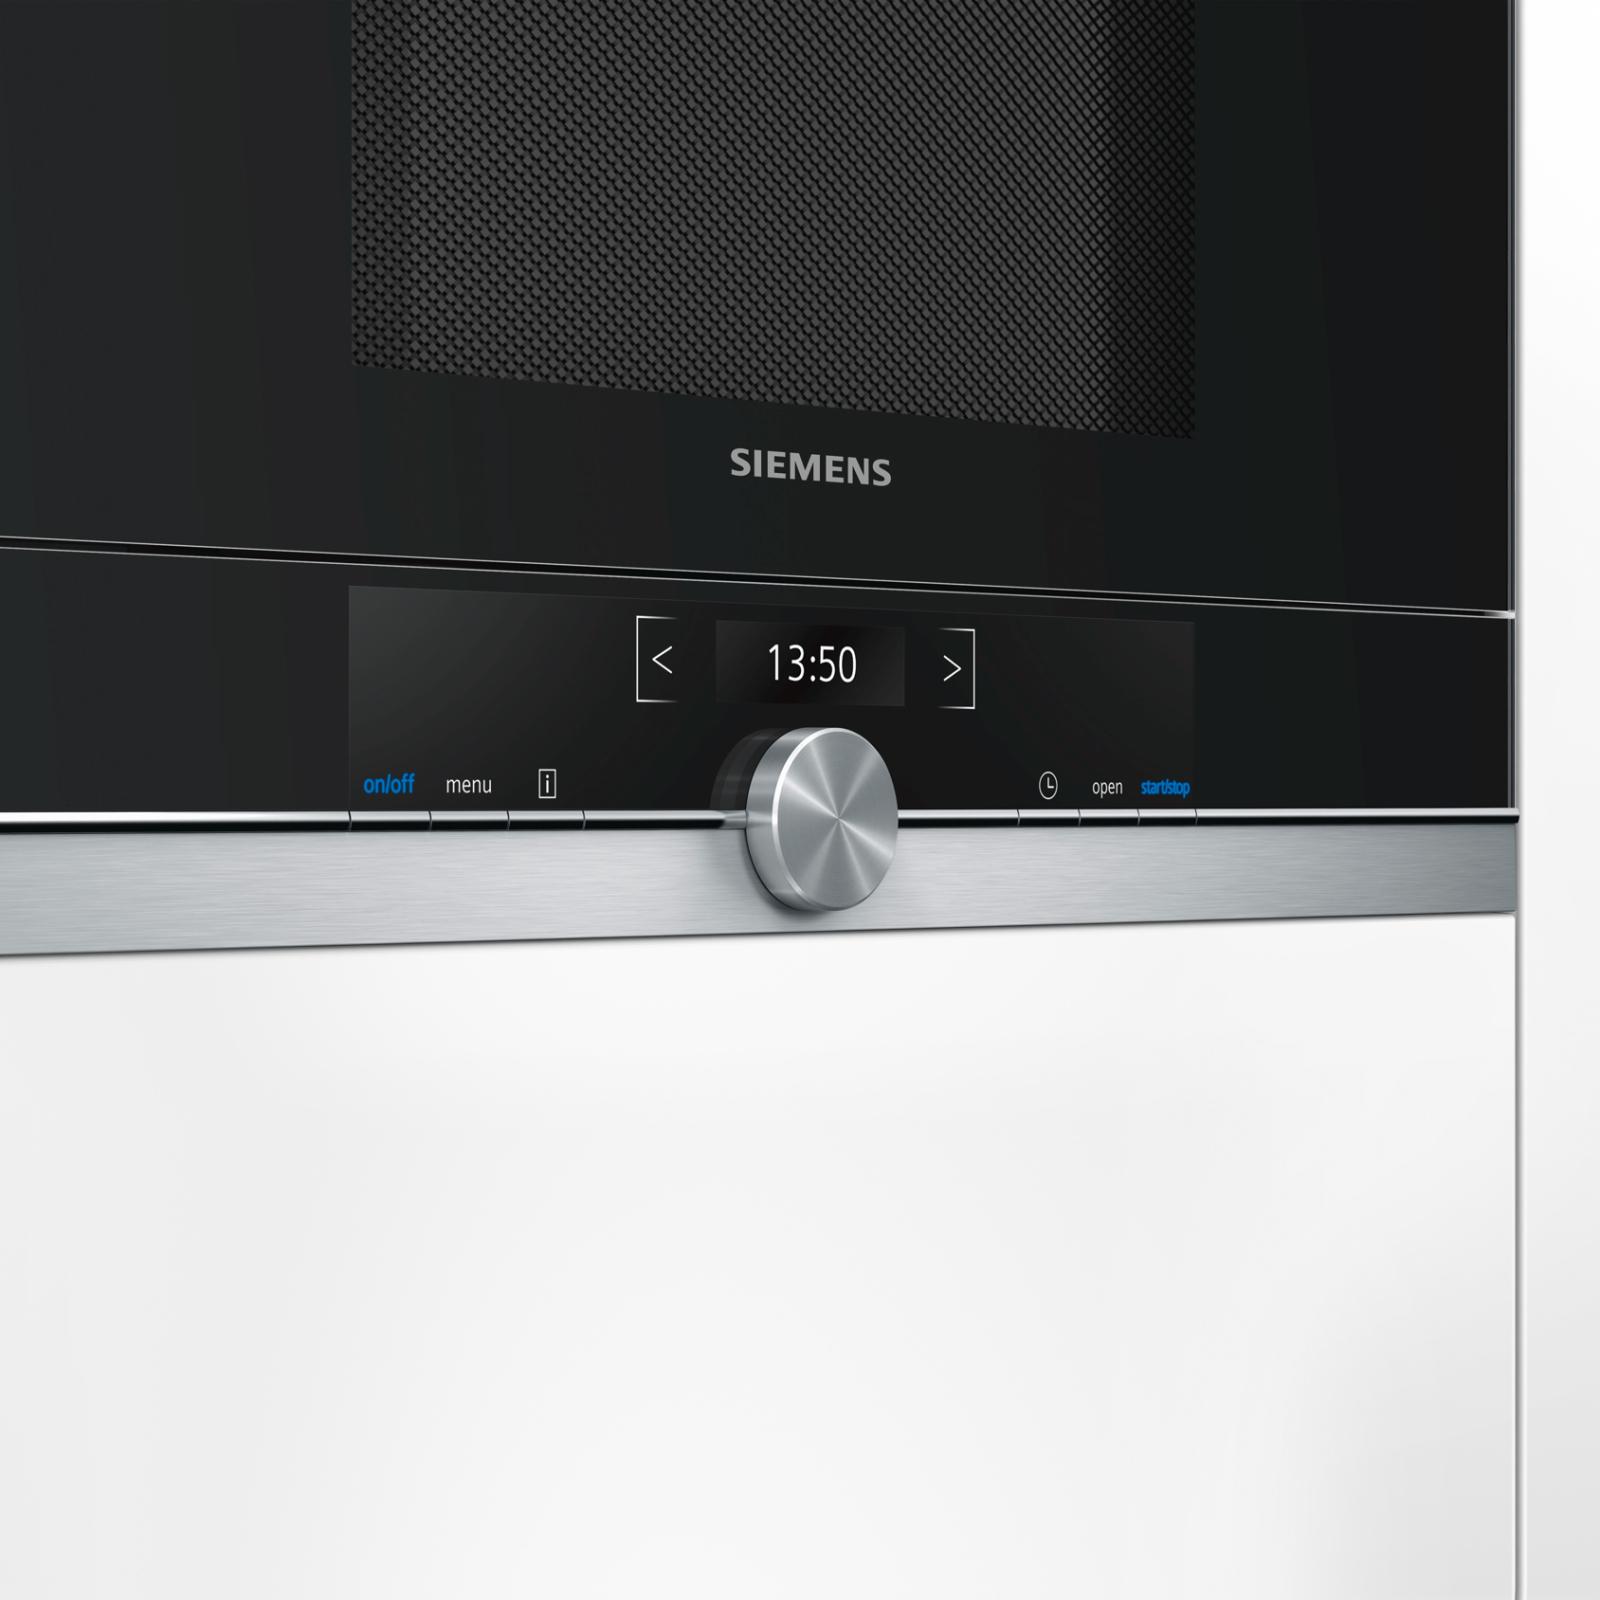 Микроволновая печь Siemens BE 634 RGS1 (BE634RGS1) изображение 3